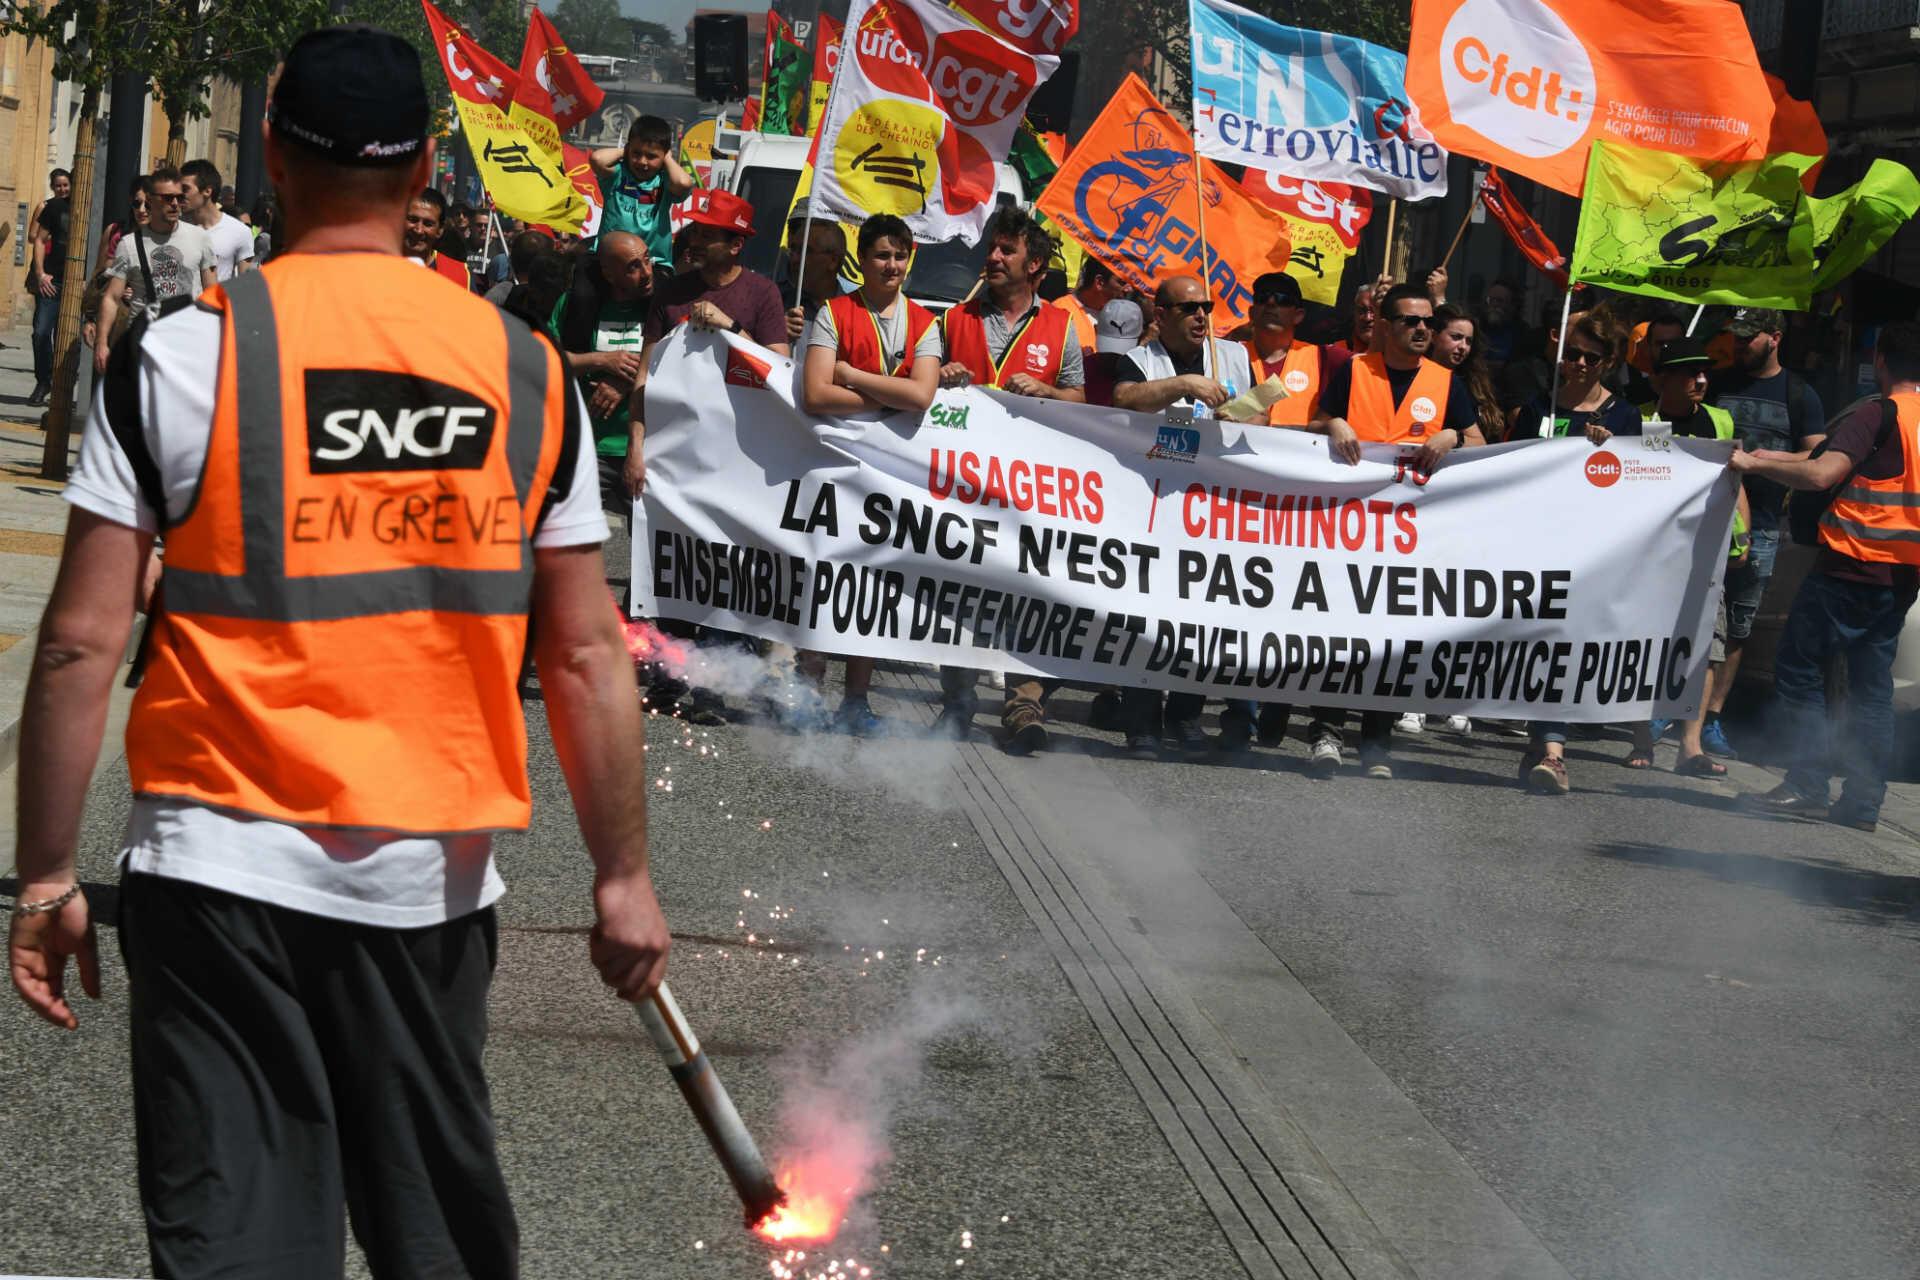 Le gouvernement lance en mars sa réforme de la SNCF qui met dans la rue des milliers de cheminots jusqu'à l'été. Malgré les nombreuses manifestations, la réforme est adoptée en juin. À cette époque, la rue ne fait pas encore plier Emmanuel Macron.